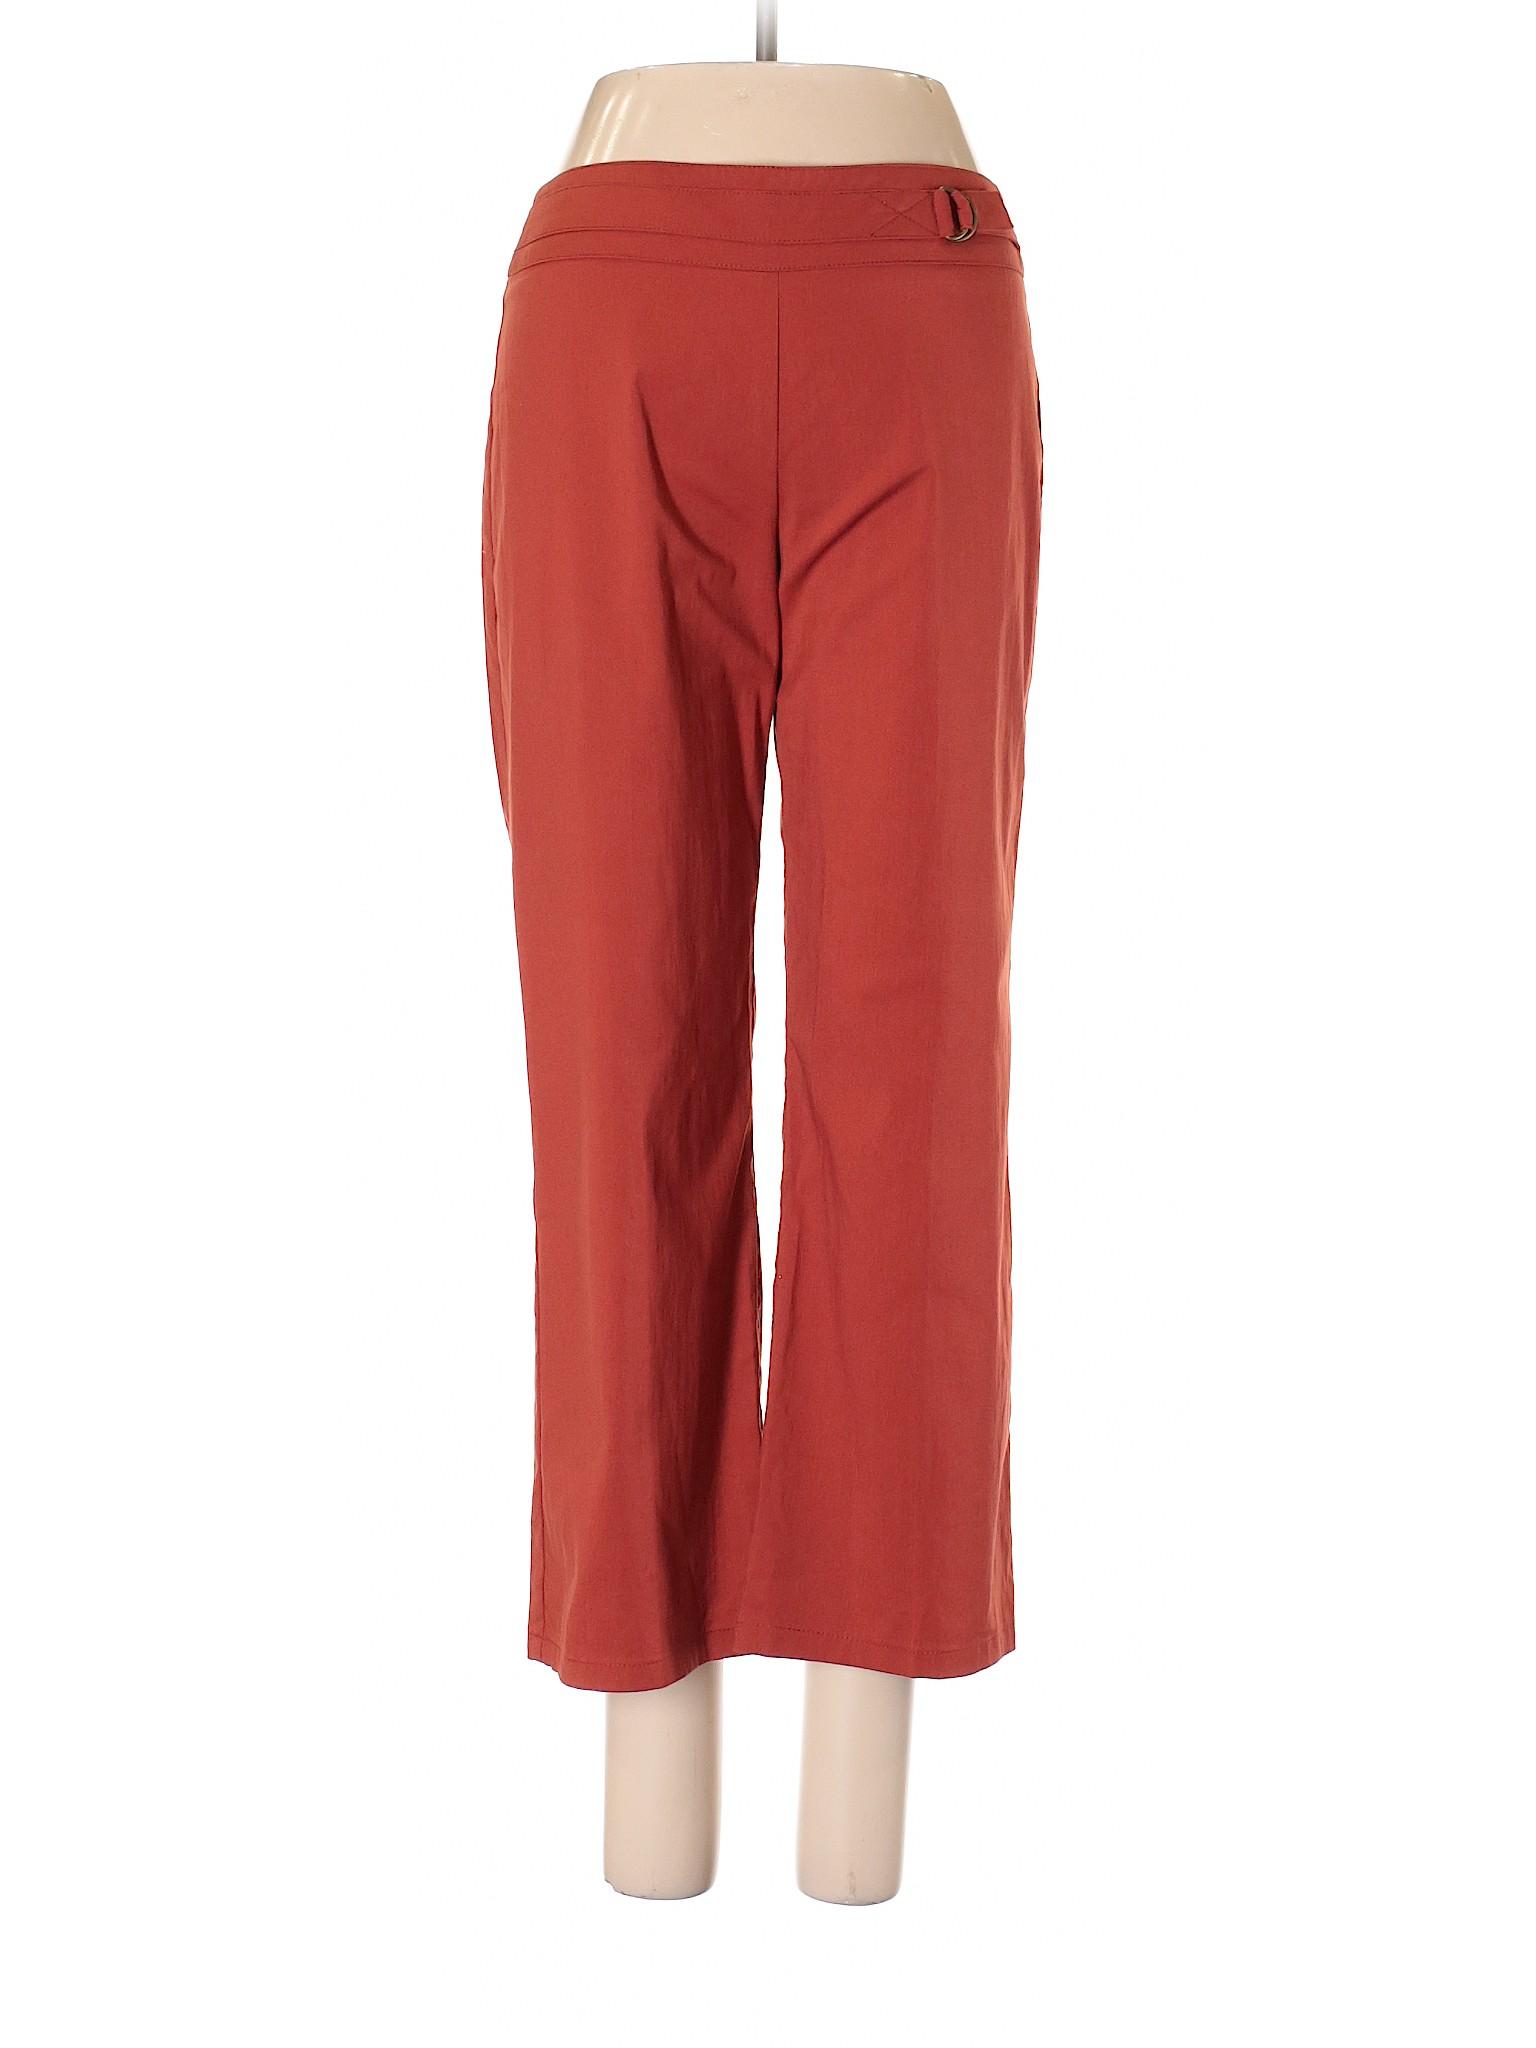 BCBGMAXAZRIA Boutique winter Casual Casual Pants Pants Boutique Casual winter Pants BCBGMAXAZRIA Boutique BCBGMAXAZRIA winter PqxqfwT41n